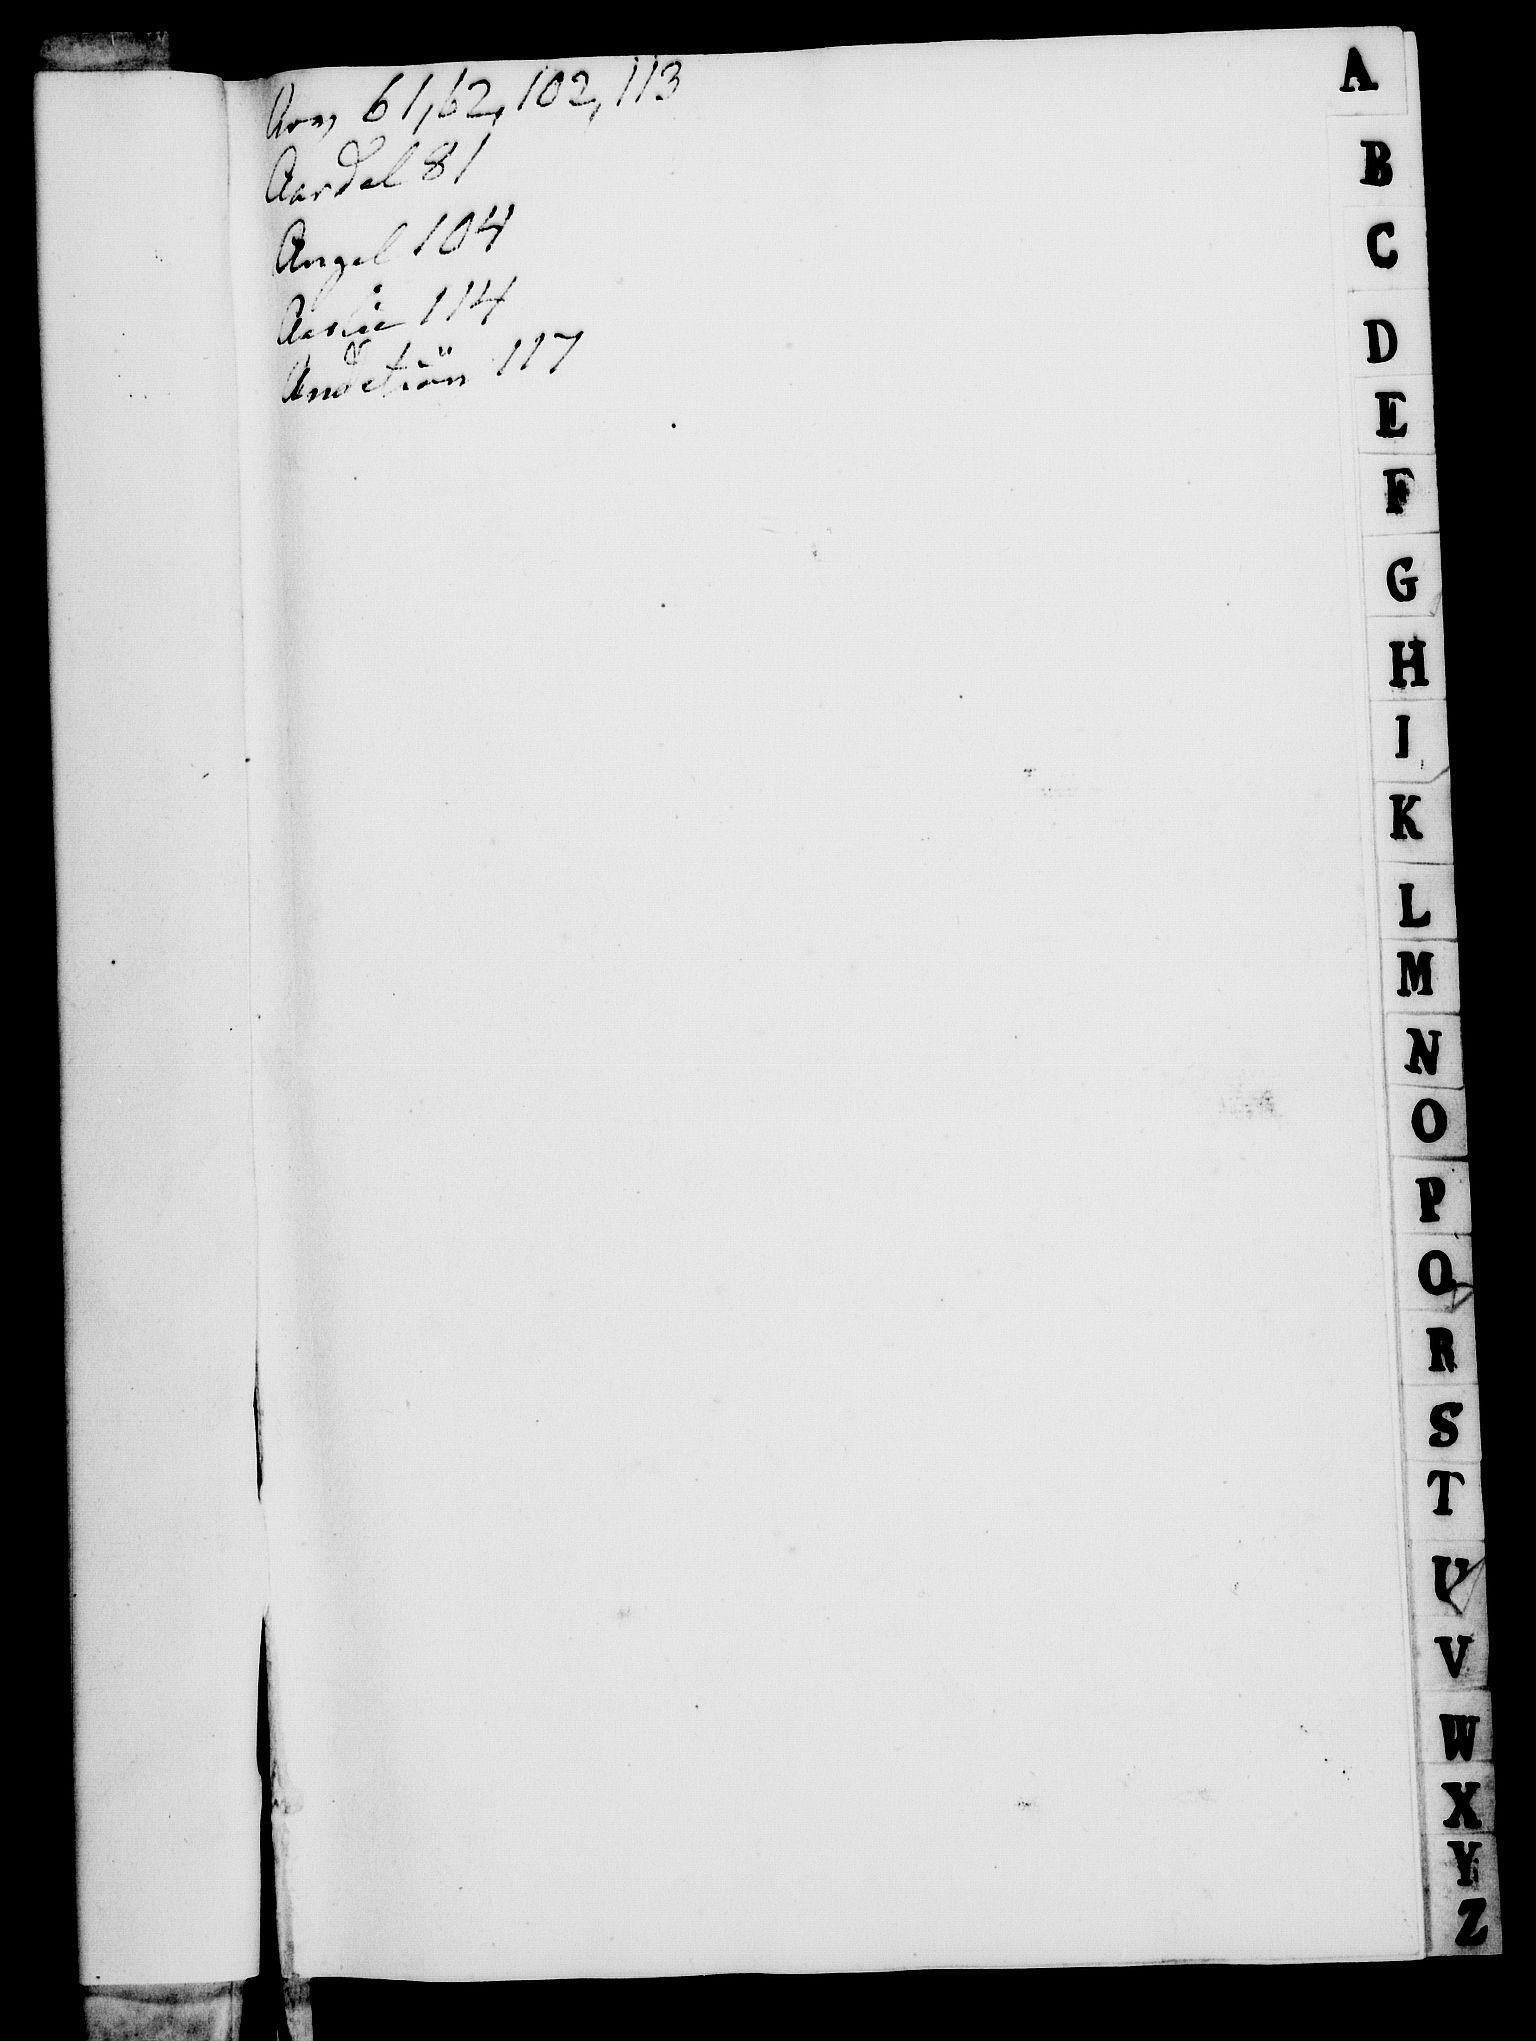 RA, Rentekammeret, Kammerkanselliet, G/Gf/Gfa/L0033: Norsk relasjons- og resolusjonsprotokoll (merket RK 52.33), 1751, s. 3